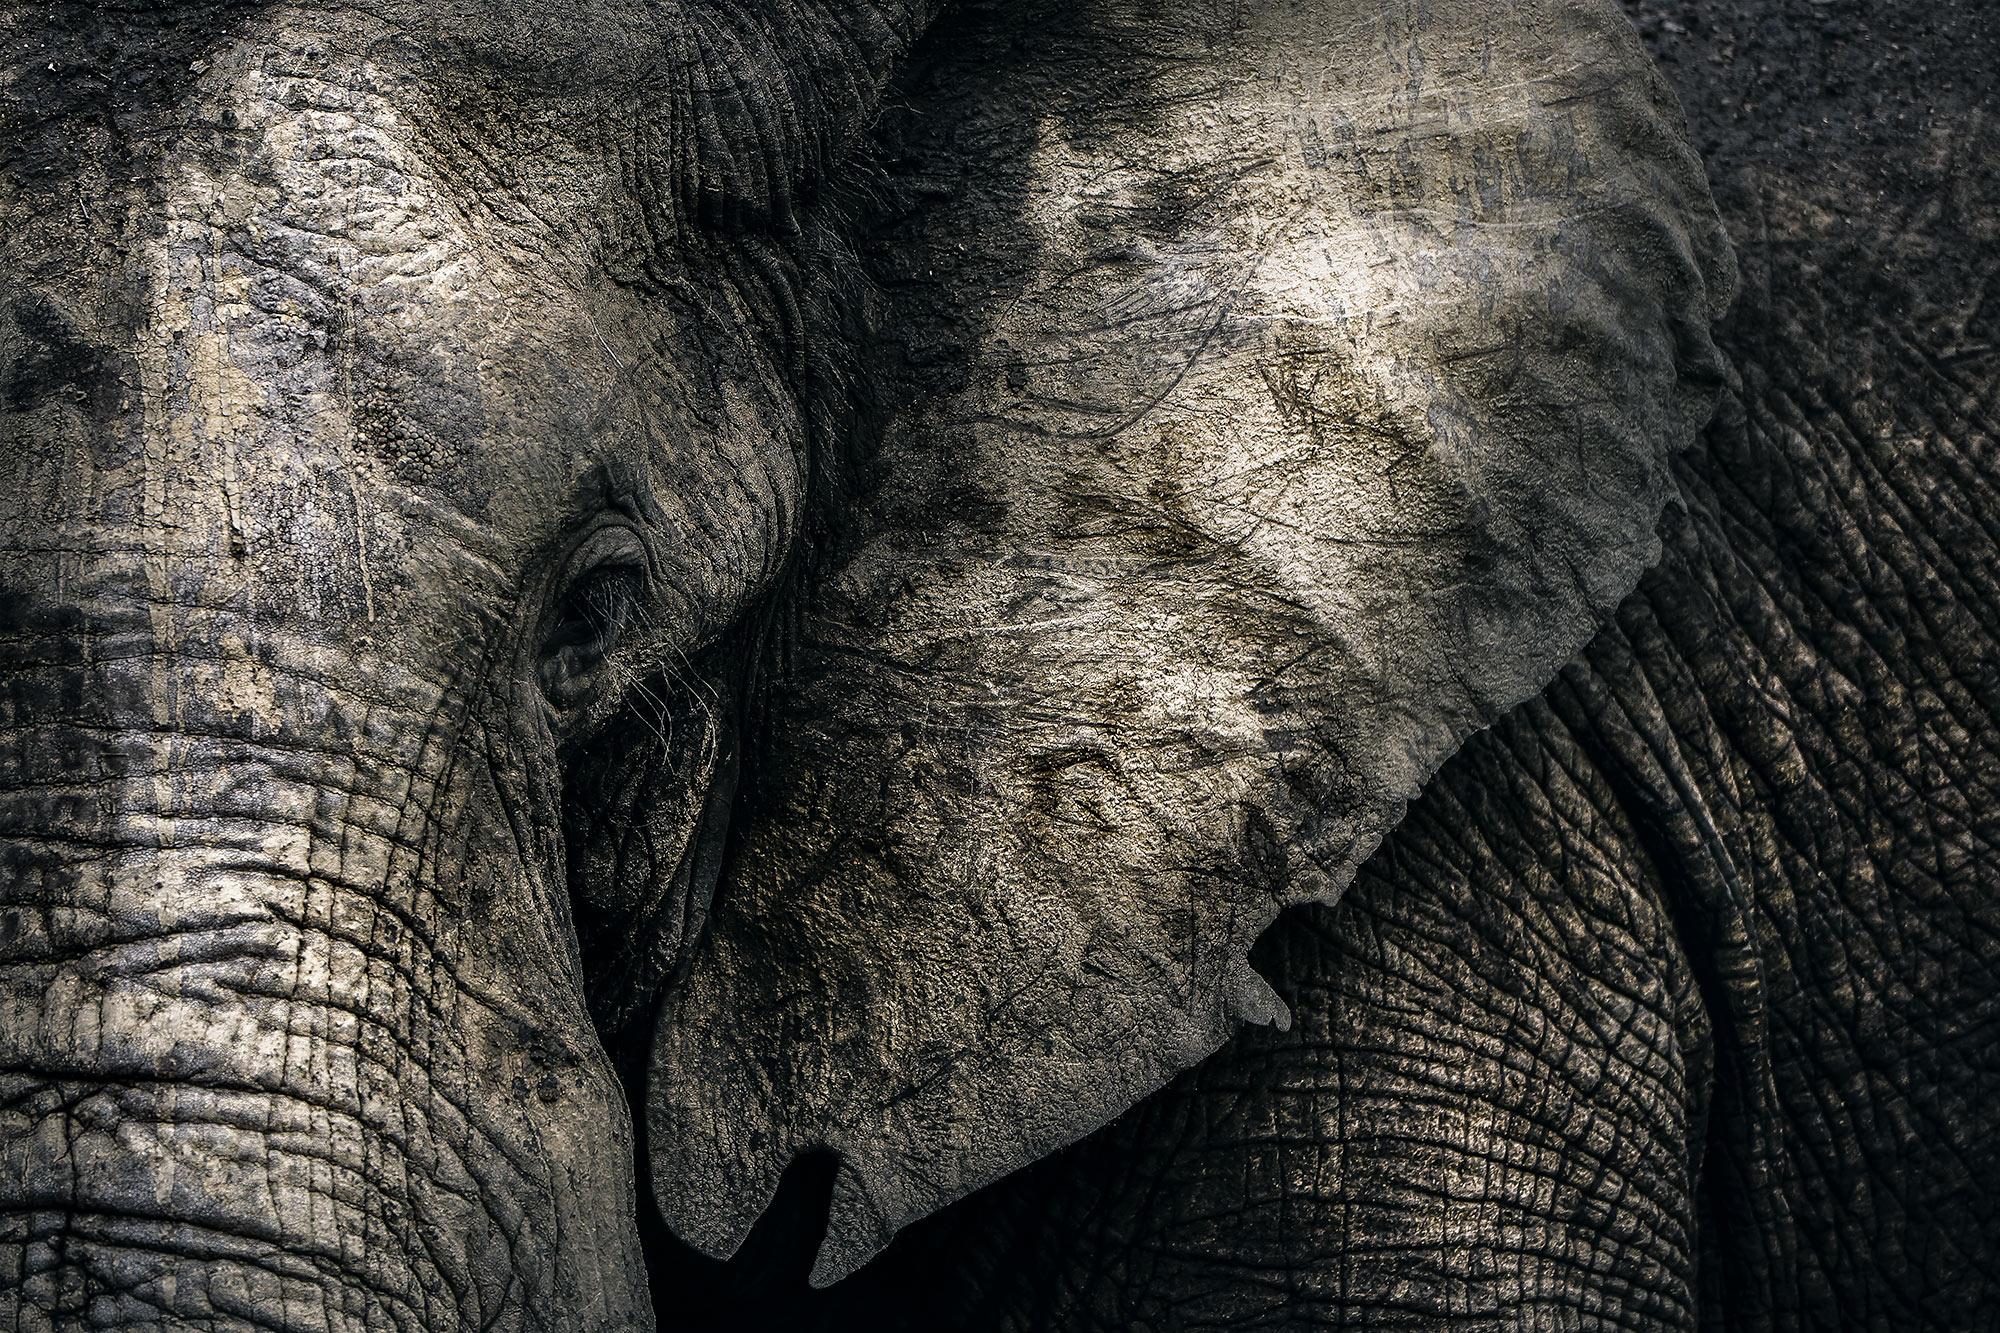 elephant-kruger-park-south-africa.jpg